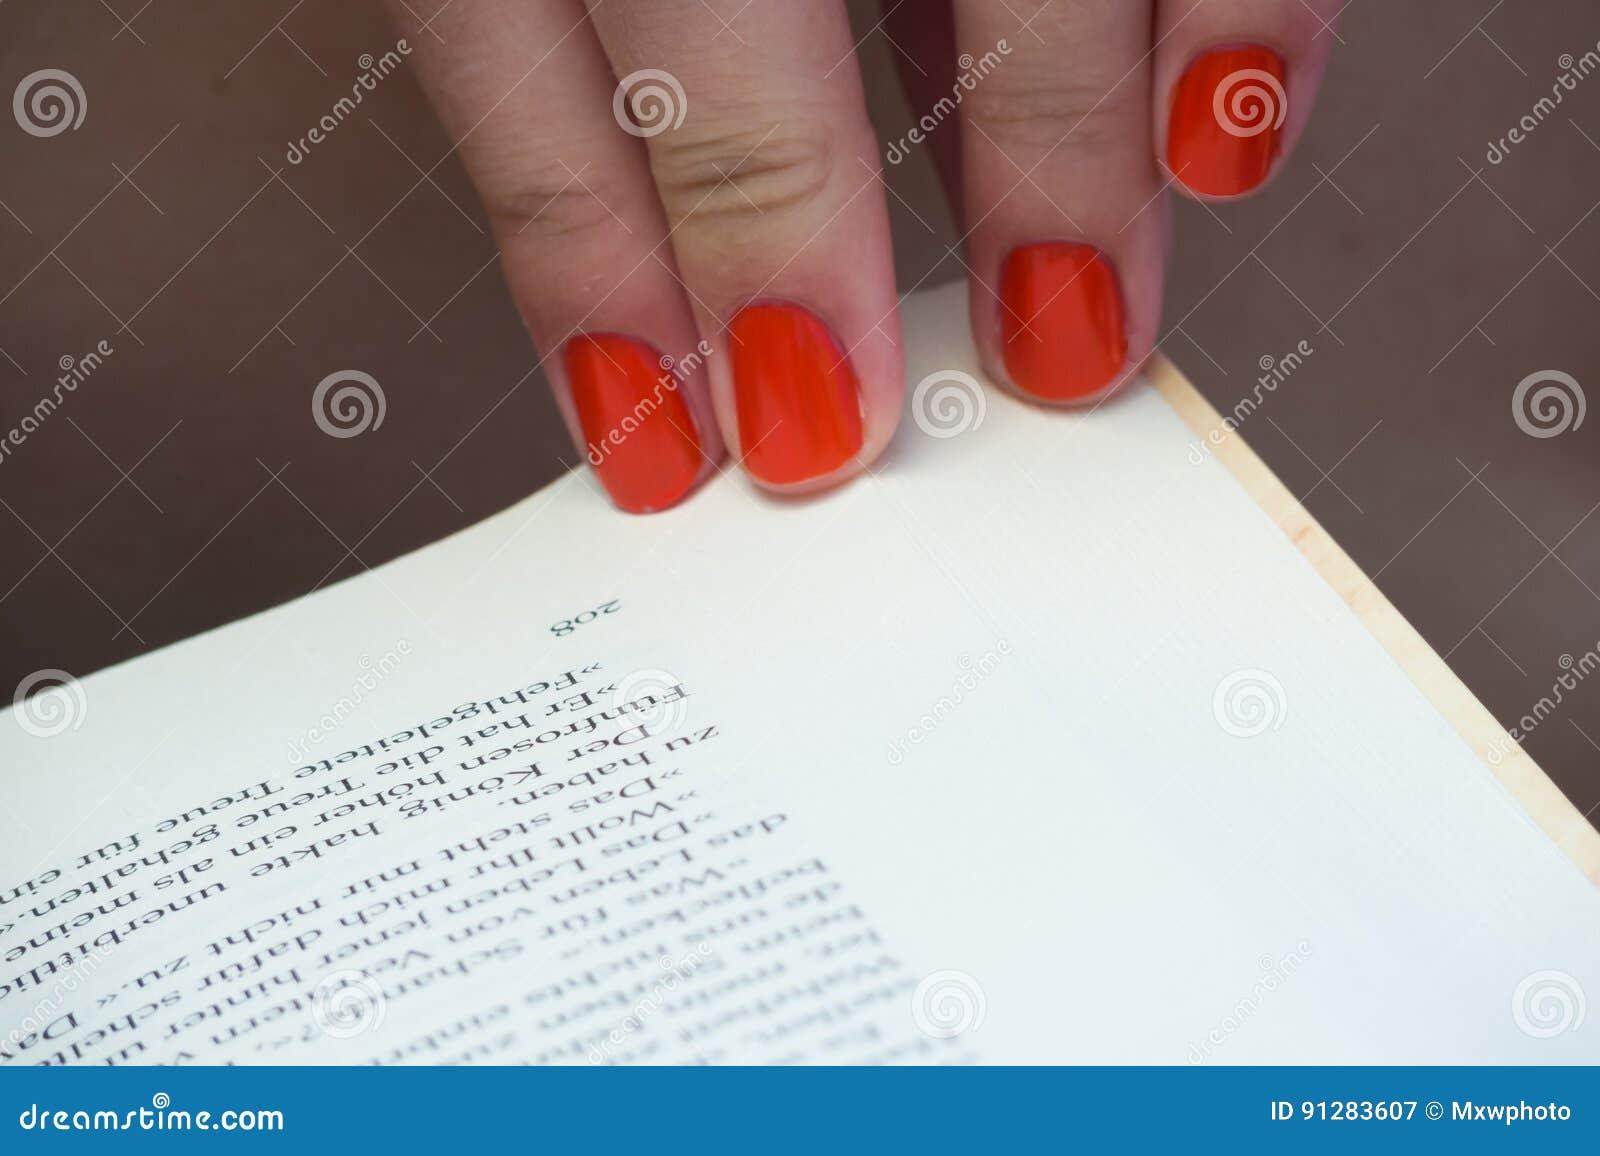 Ändrande sida av boken med orange fingernaglar